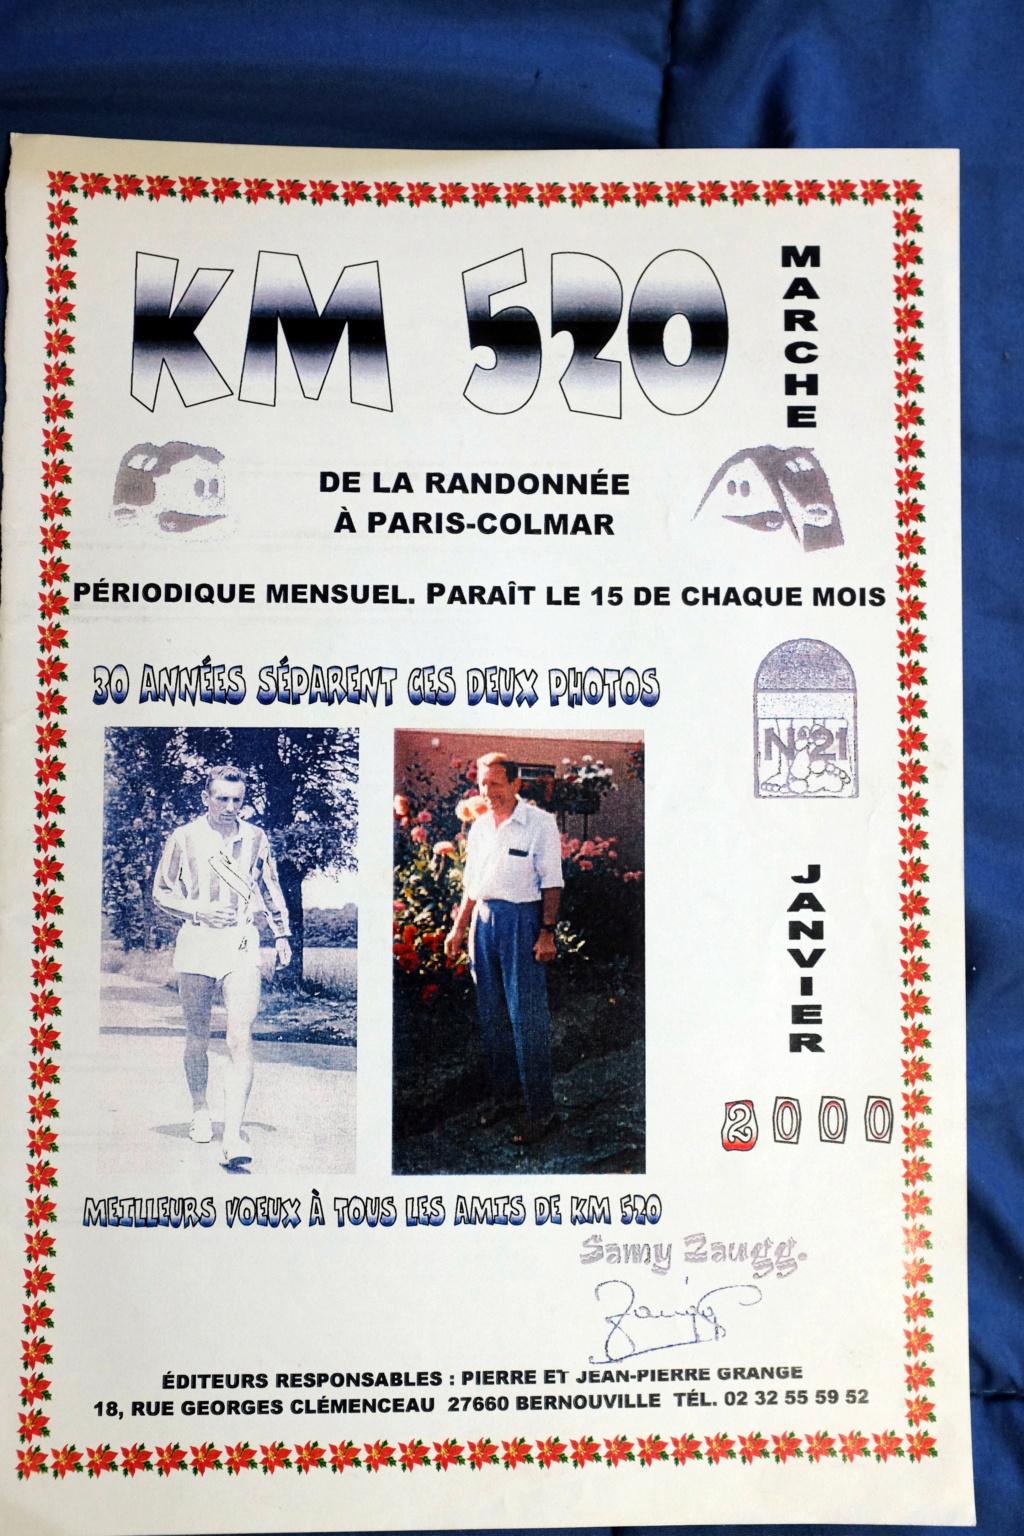 Le KM520 et ses éditos 1998-2009 - Page 2 Dscf0453